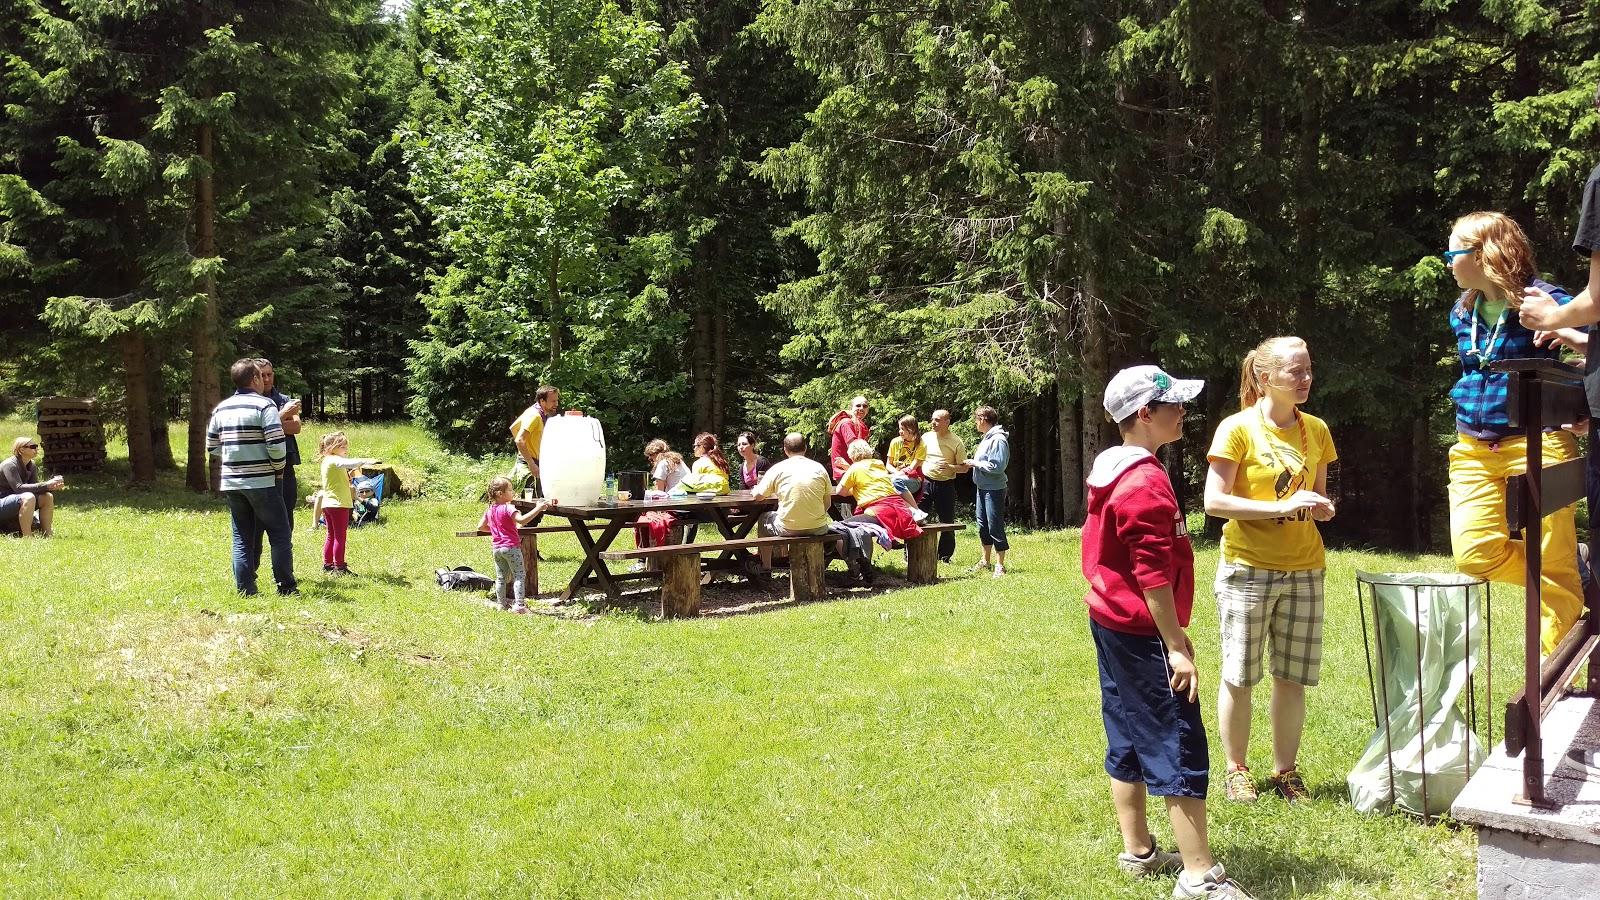 Piknik s starši 2015, Črni dol, 21. 6. 2015 - IMAG0192.jpg